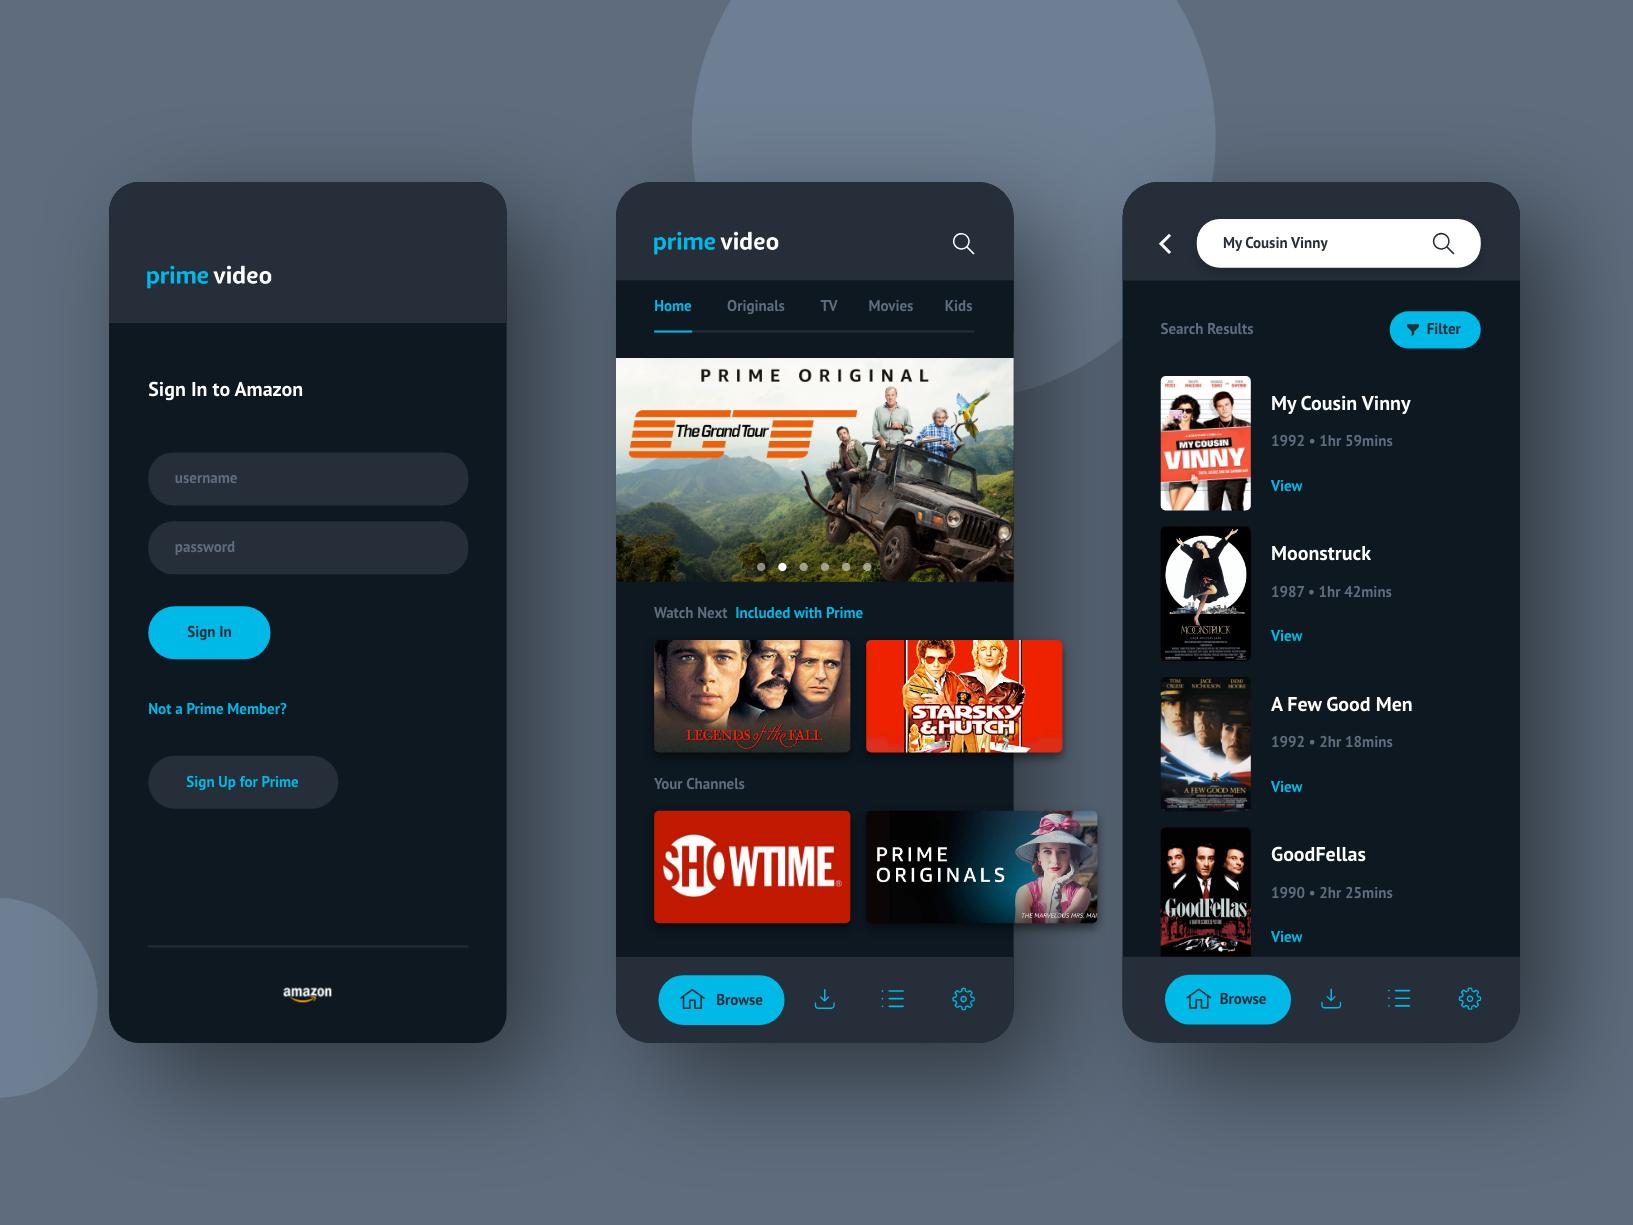 Amazon Prime Video Amazon prime video app, Prime video